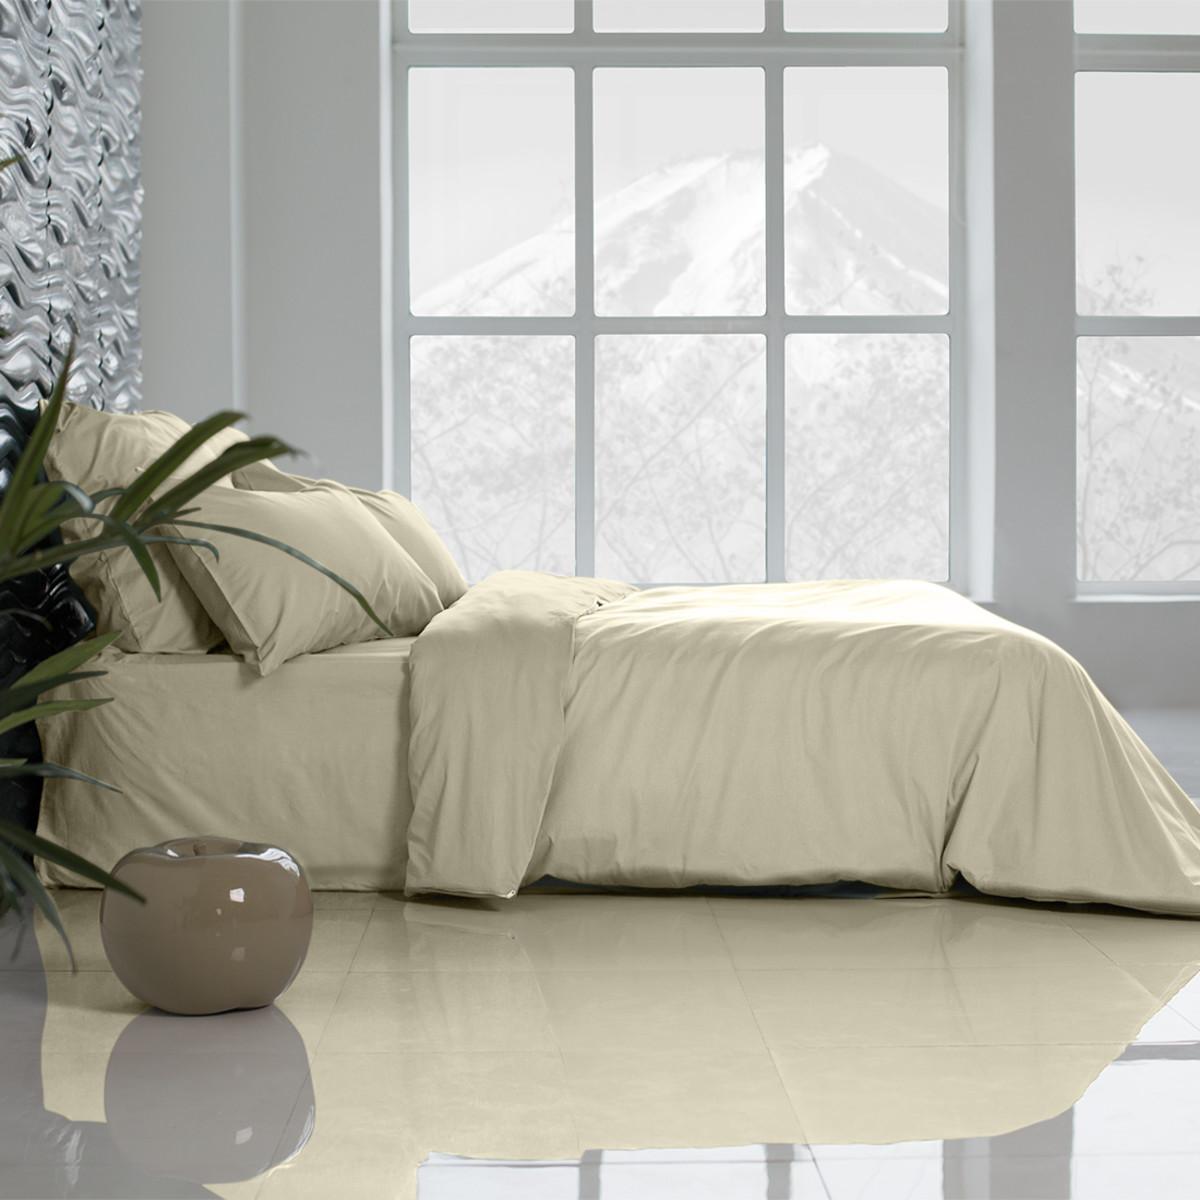 Комплект Постельного Белья Perfection Двуспальный Микрофибра 70x70